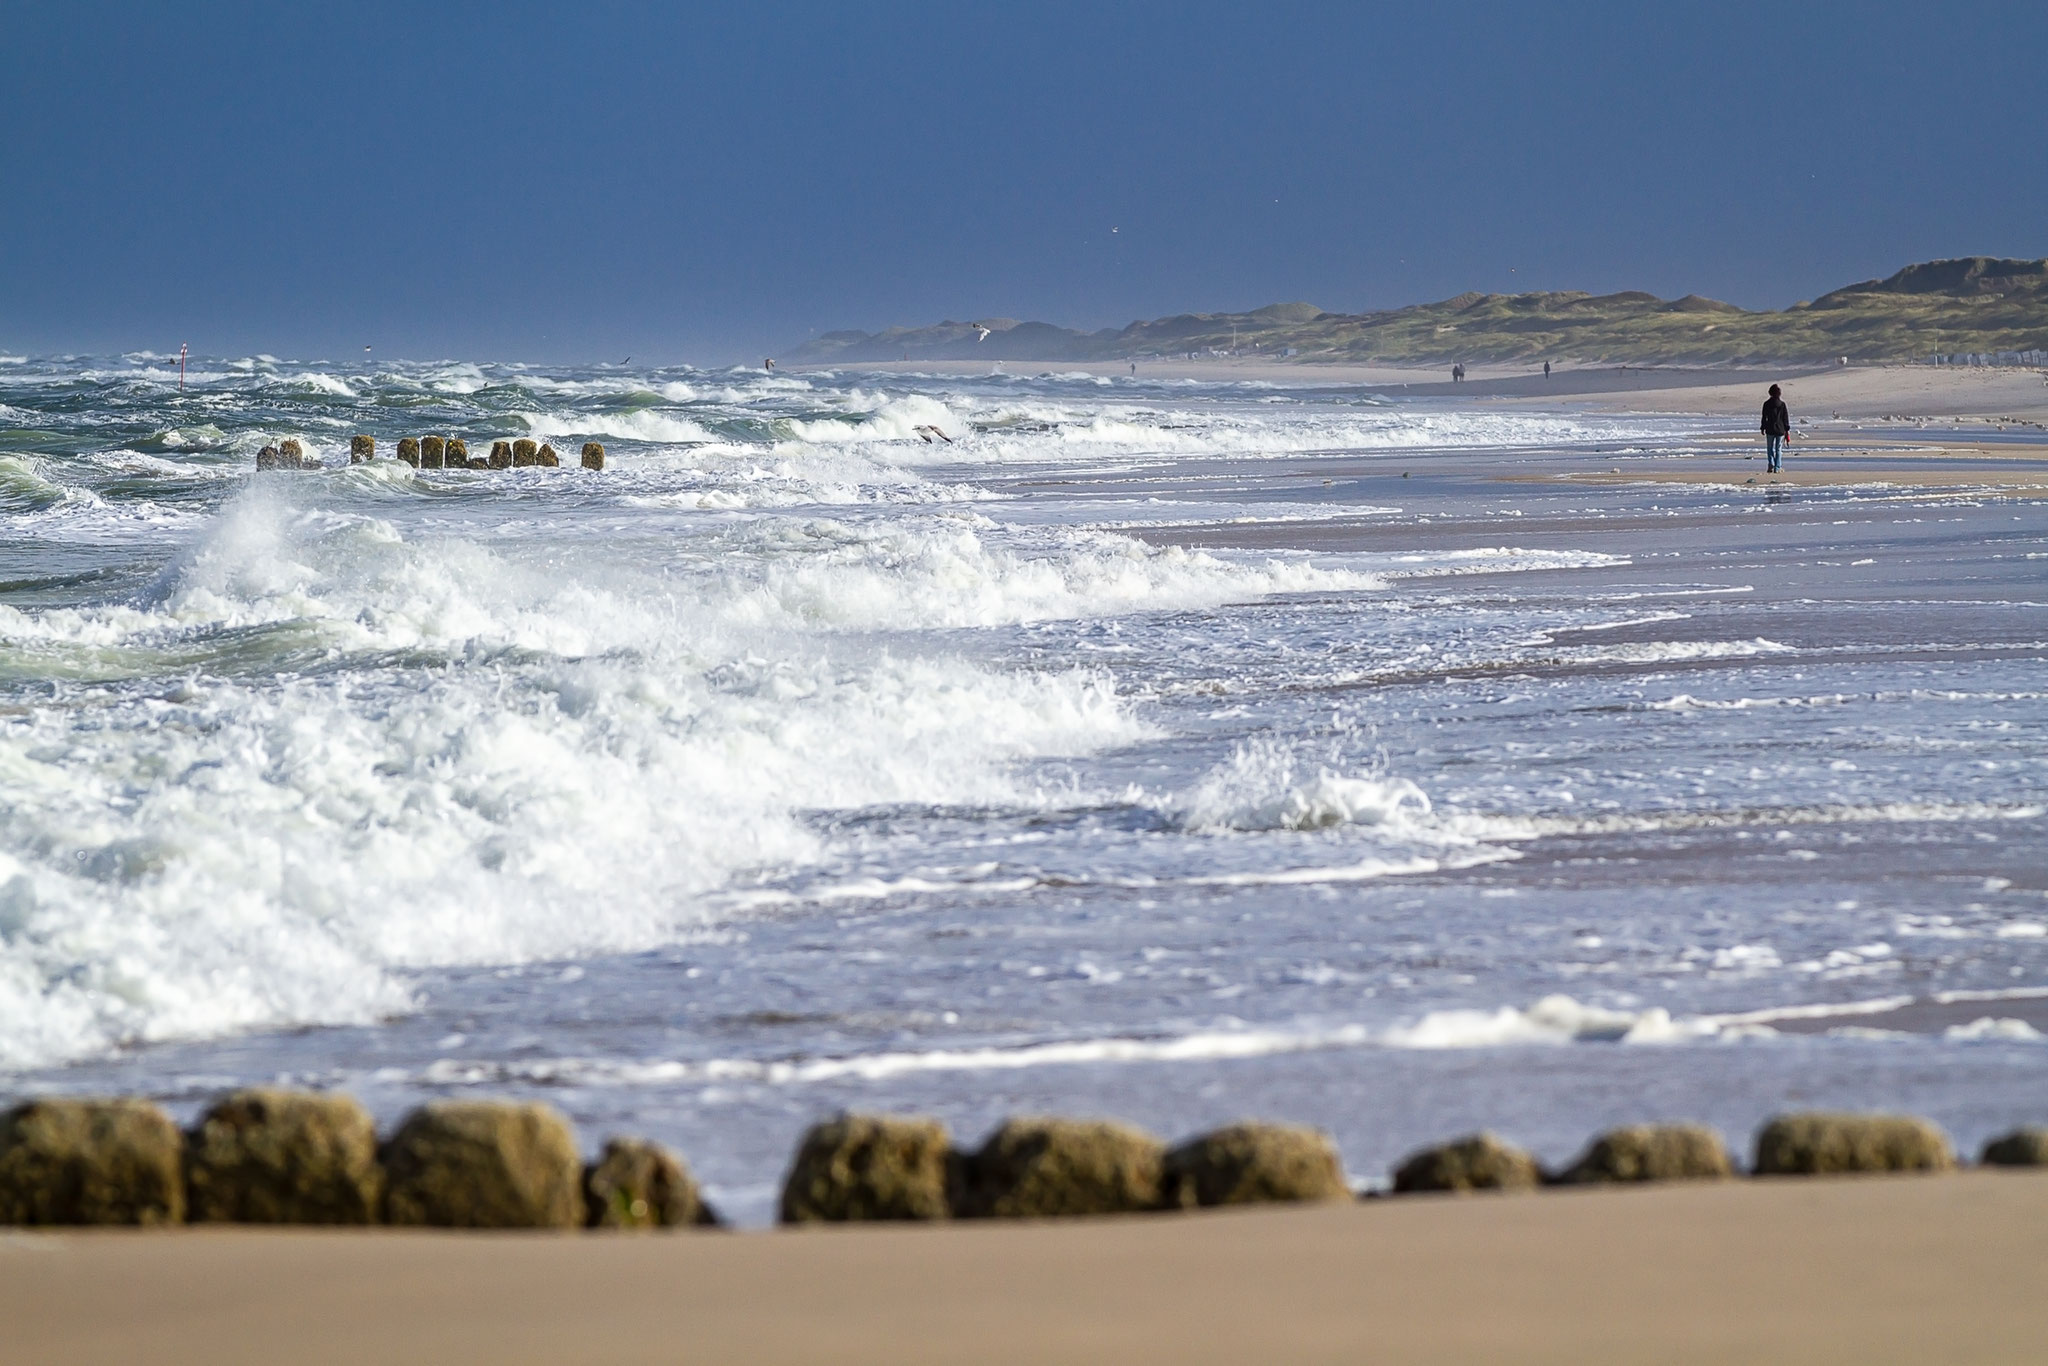 Das tosende Meer im Sommer auf Sylt.